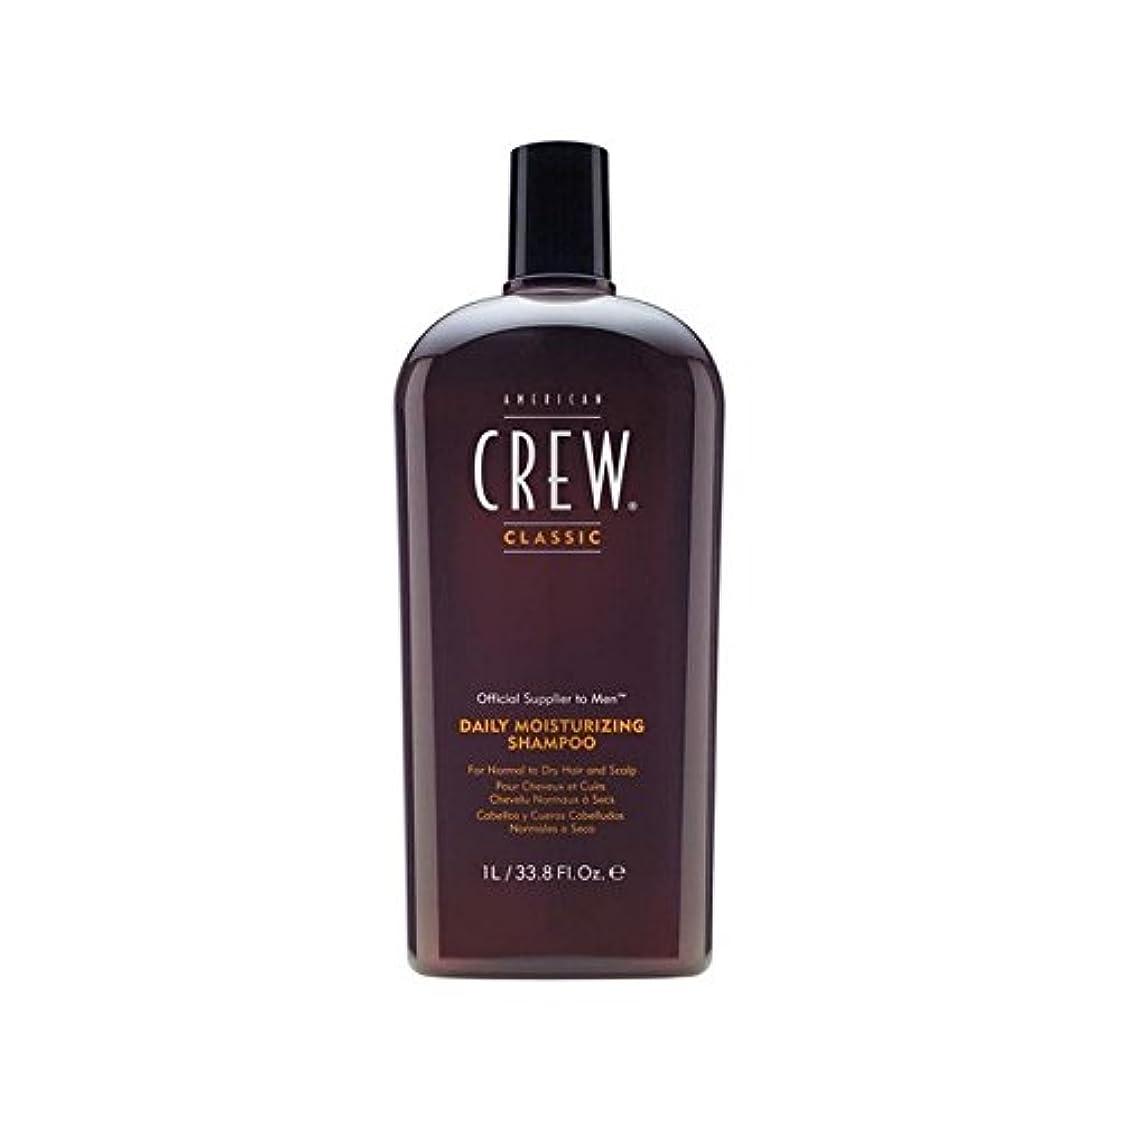 ウガンダパイリアルAmerican Crew Daily Moisture Shampoo (1000ml) - アメリカの乗組員の毎日の水分シャンプー(千ミリリットル) [並行輸入品]